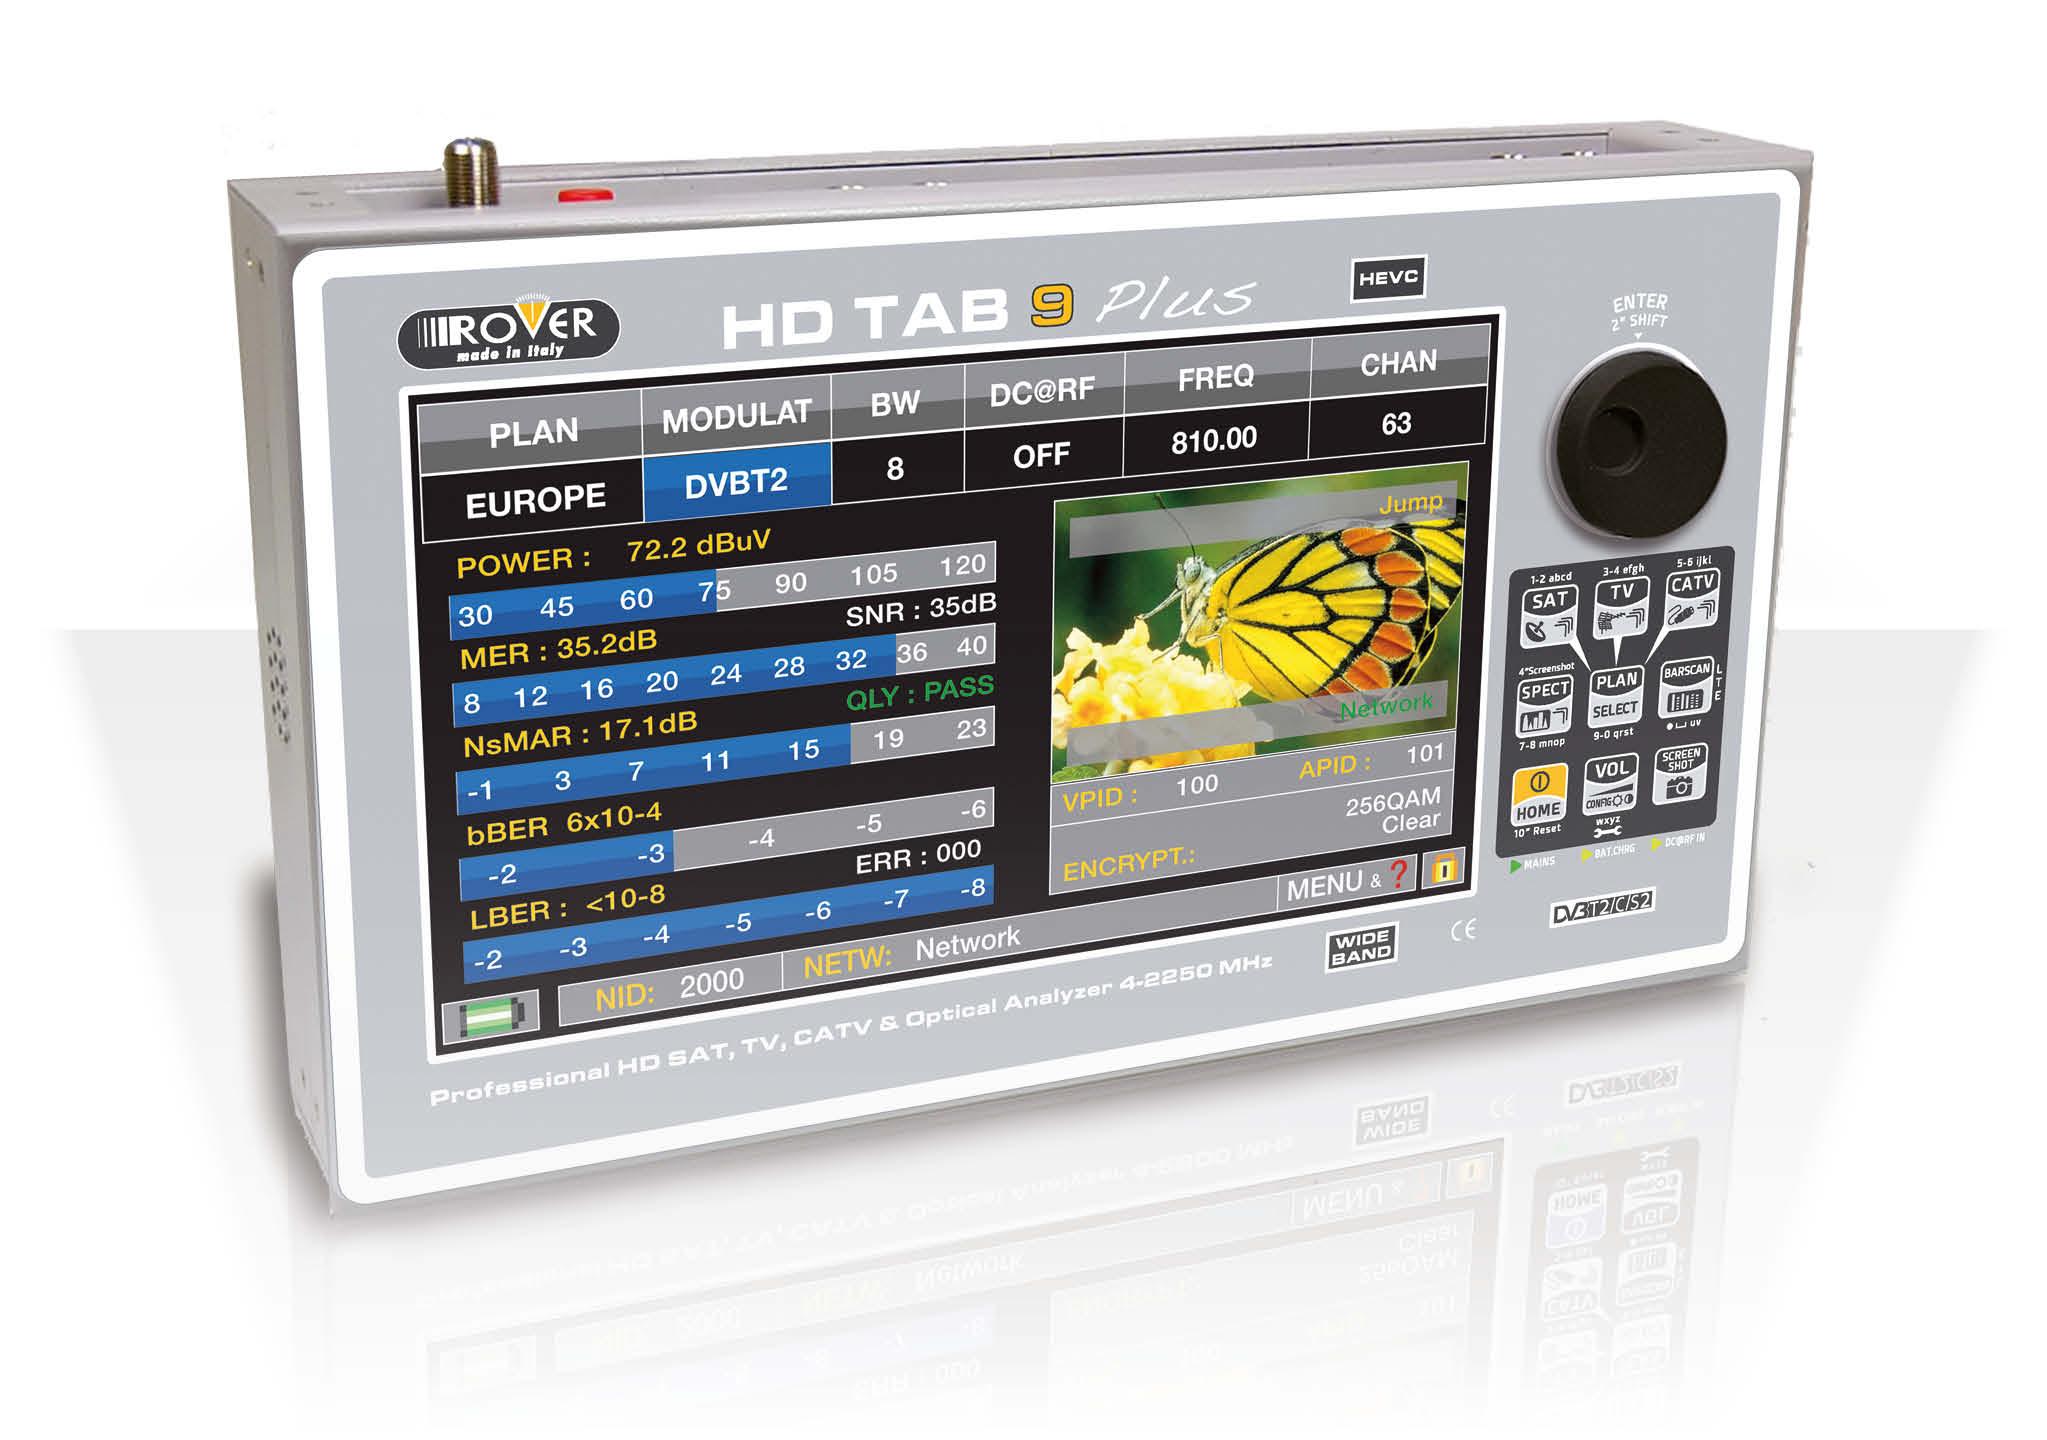 ROVER-HD-TAB-9-Plus-1